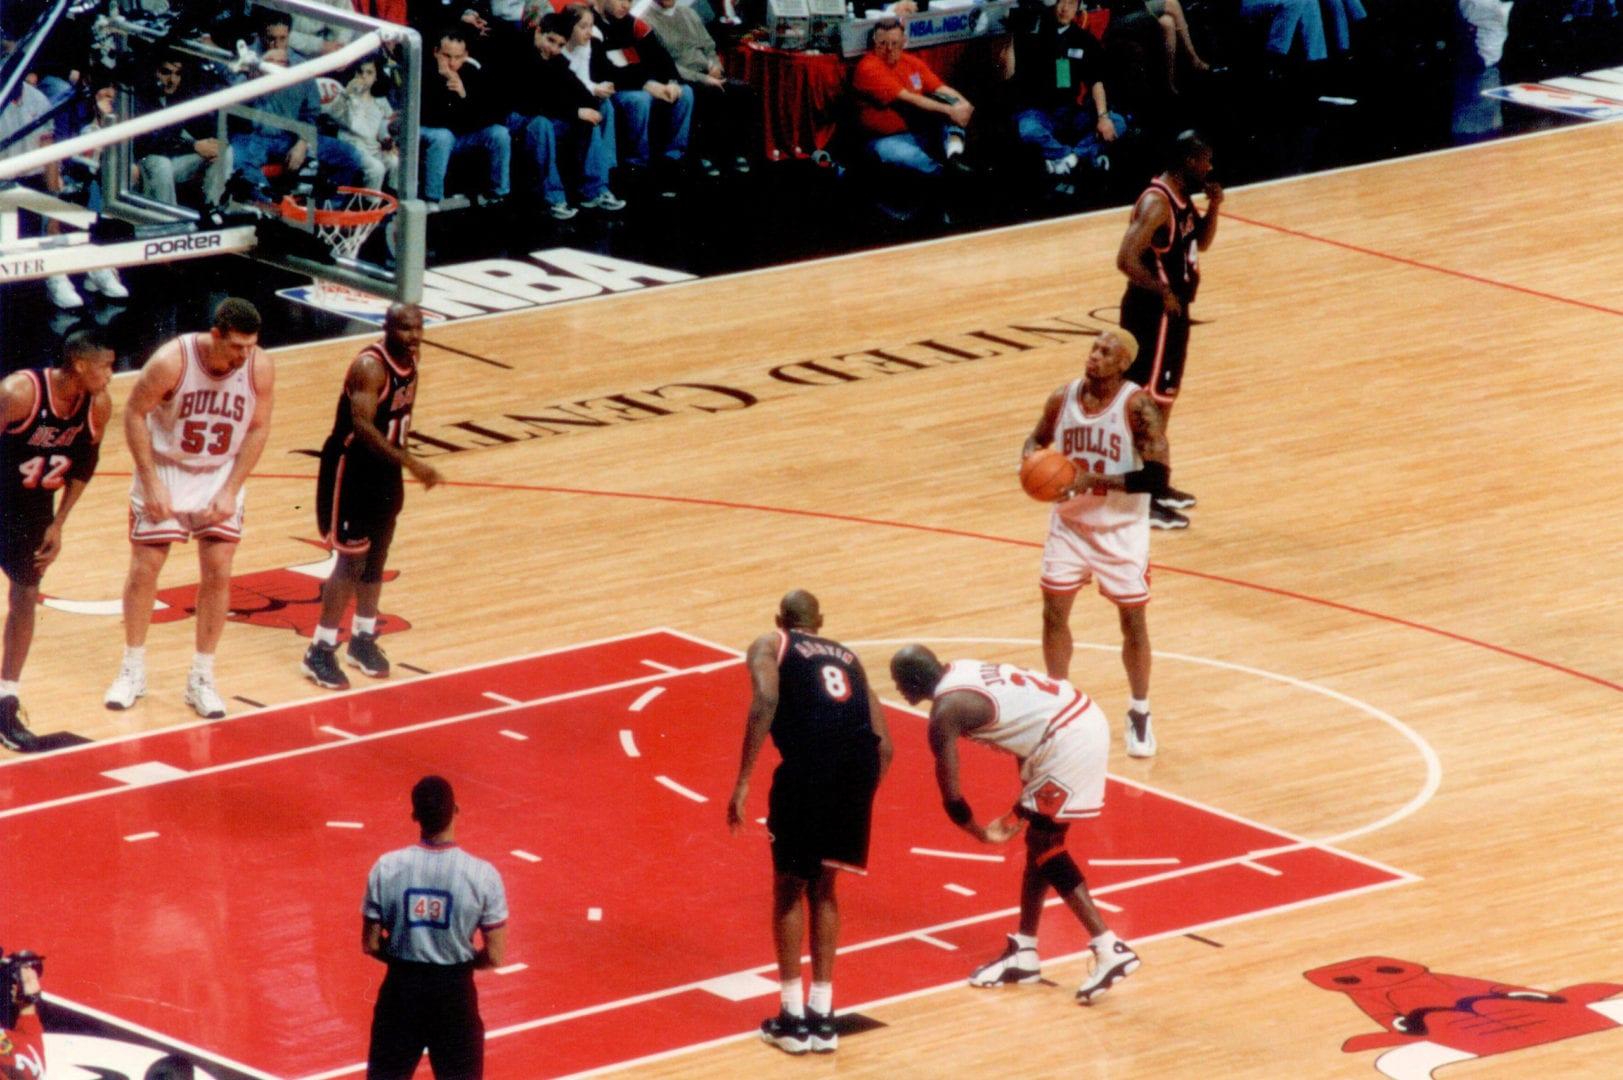 Dennis Rodman taking his free throw